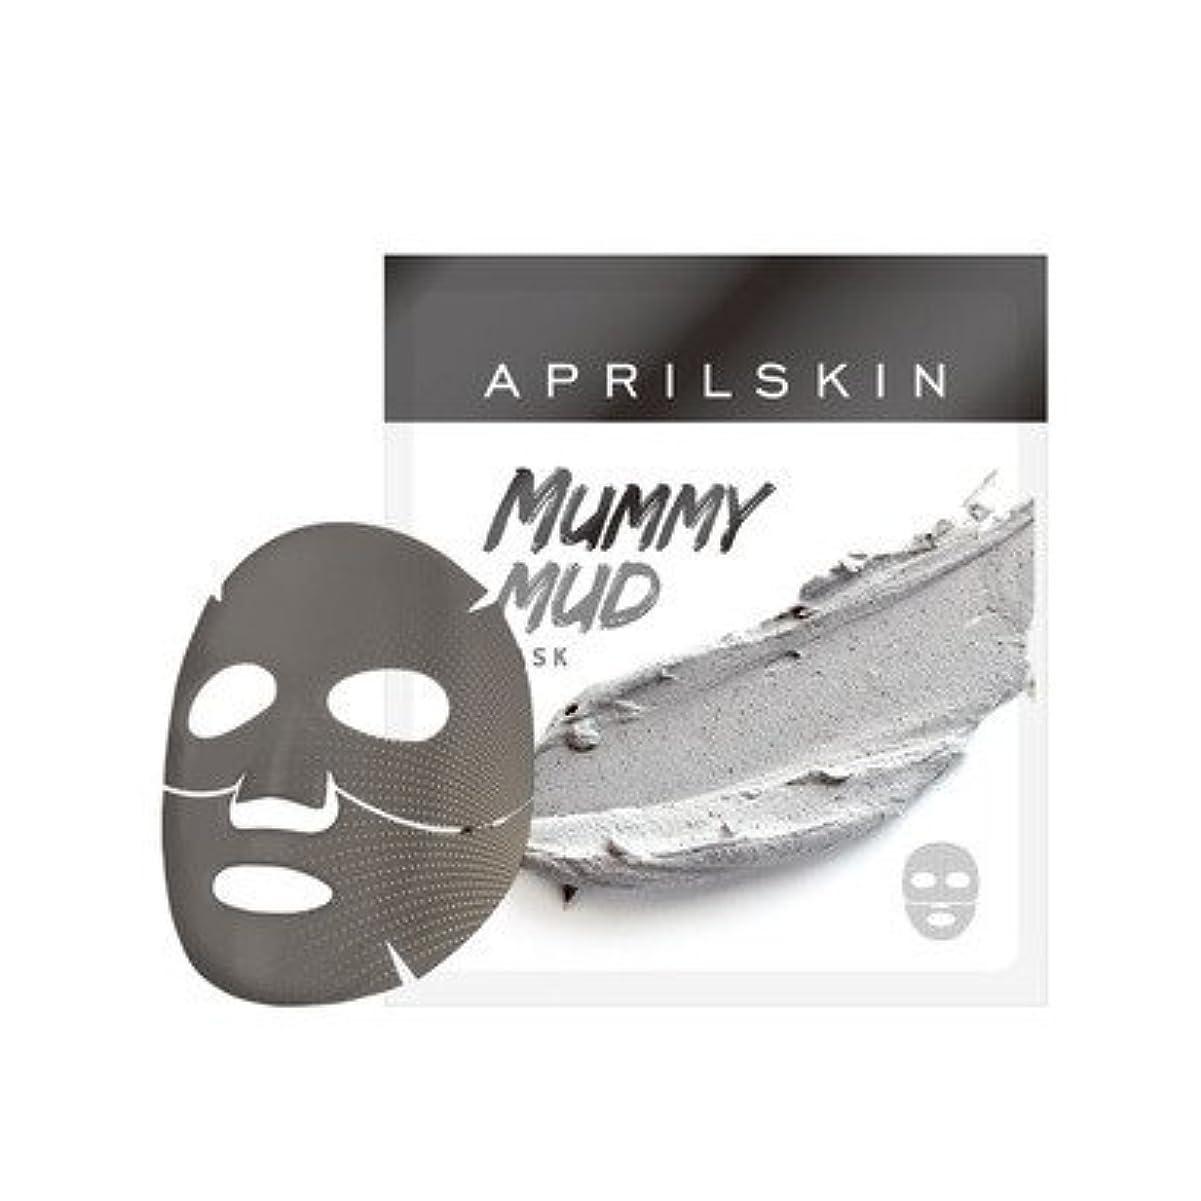 生命体豊富に不正APRILSKIN MUMMY MUD MASK/エイプリルスキン ミイラ泥マスク 1枚 [並行輸入品]